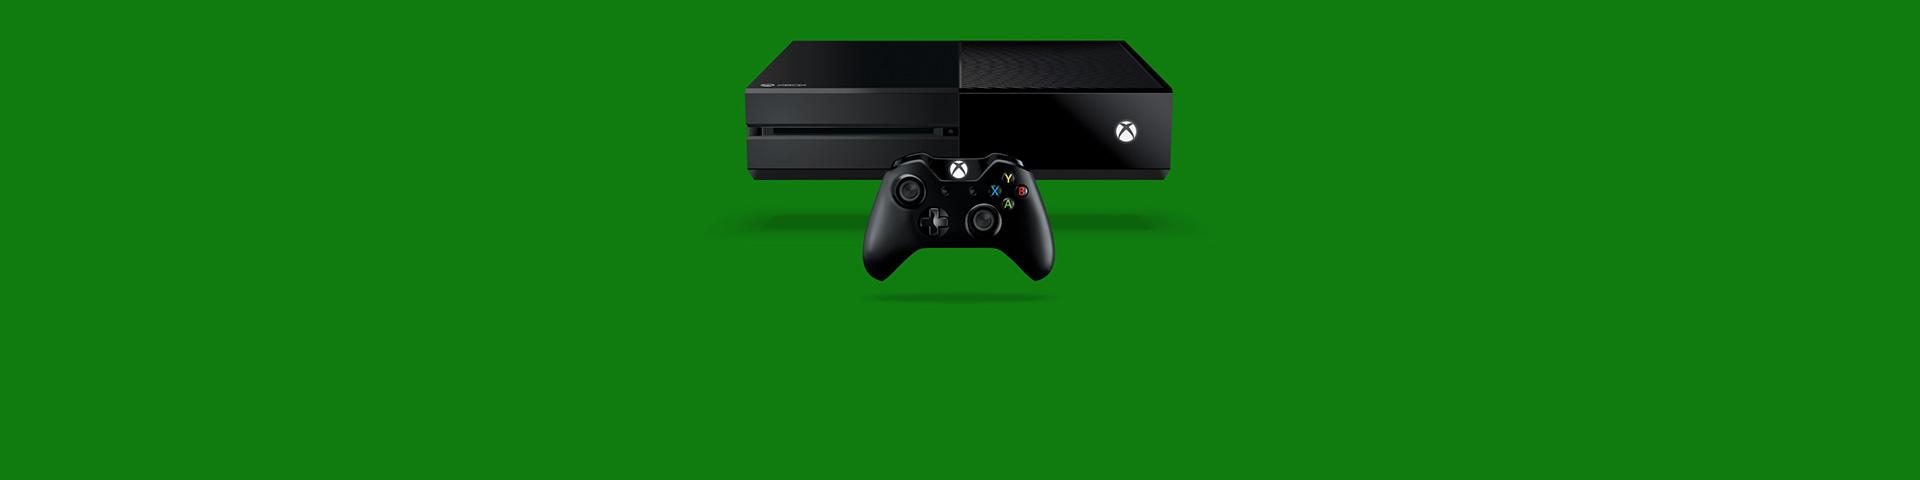 Xbox One 本体とコントローラー